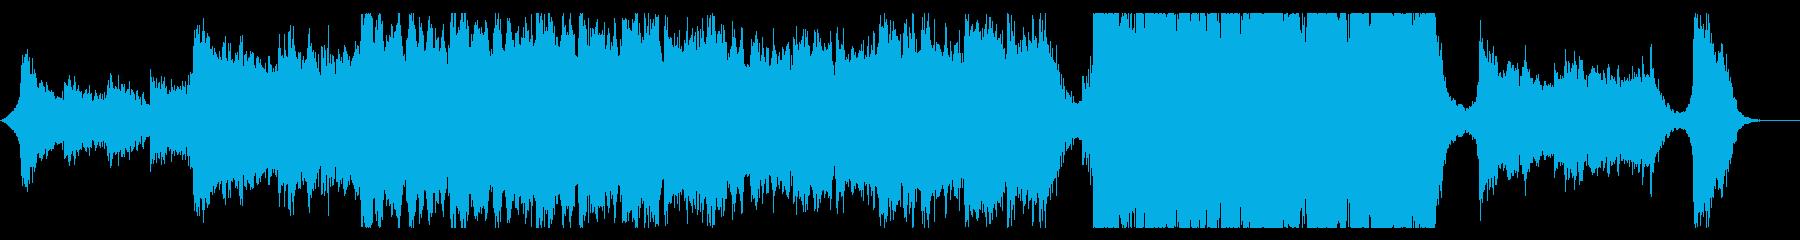 ハリウッド映画風の壮大なオーケストラ8の再生済みの波形